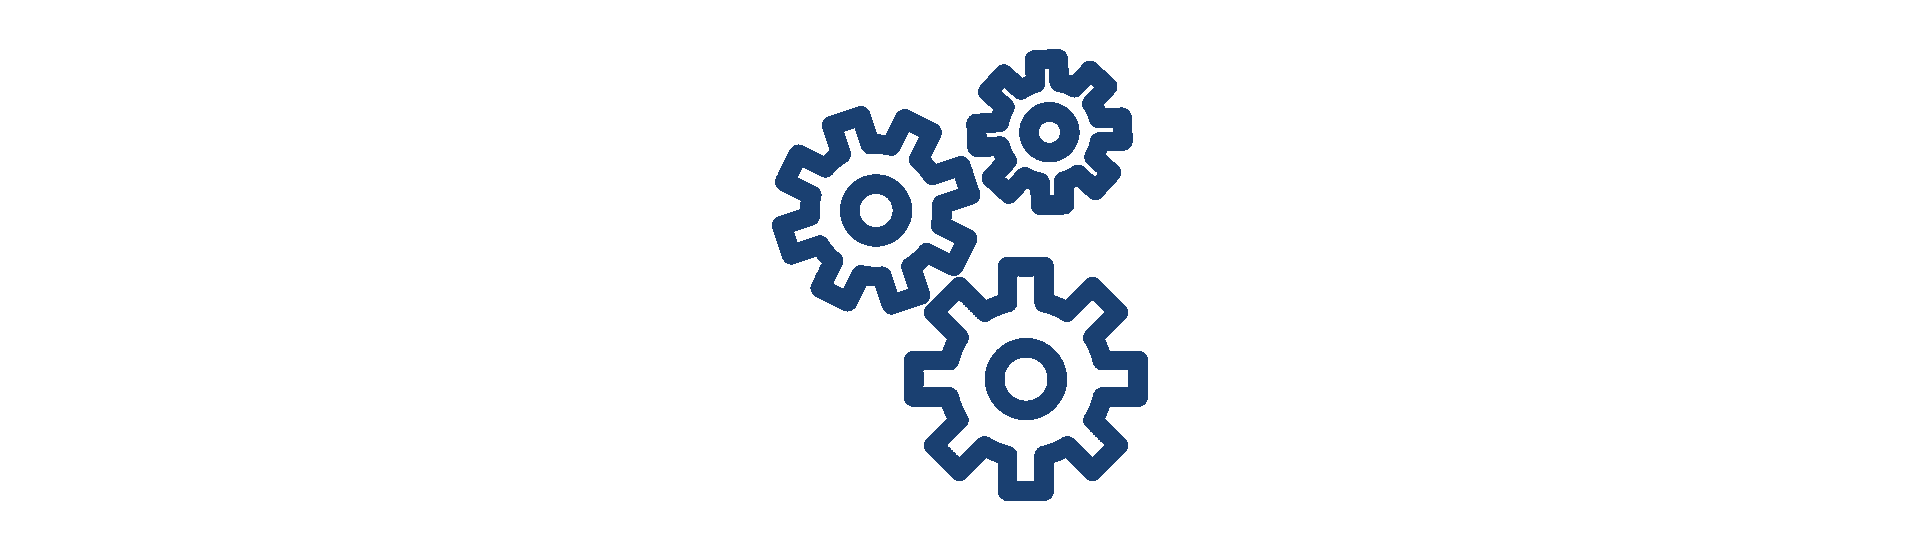 Machine Equipment Loan | Pennant Financial